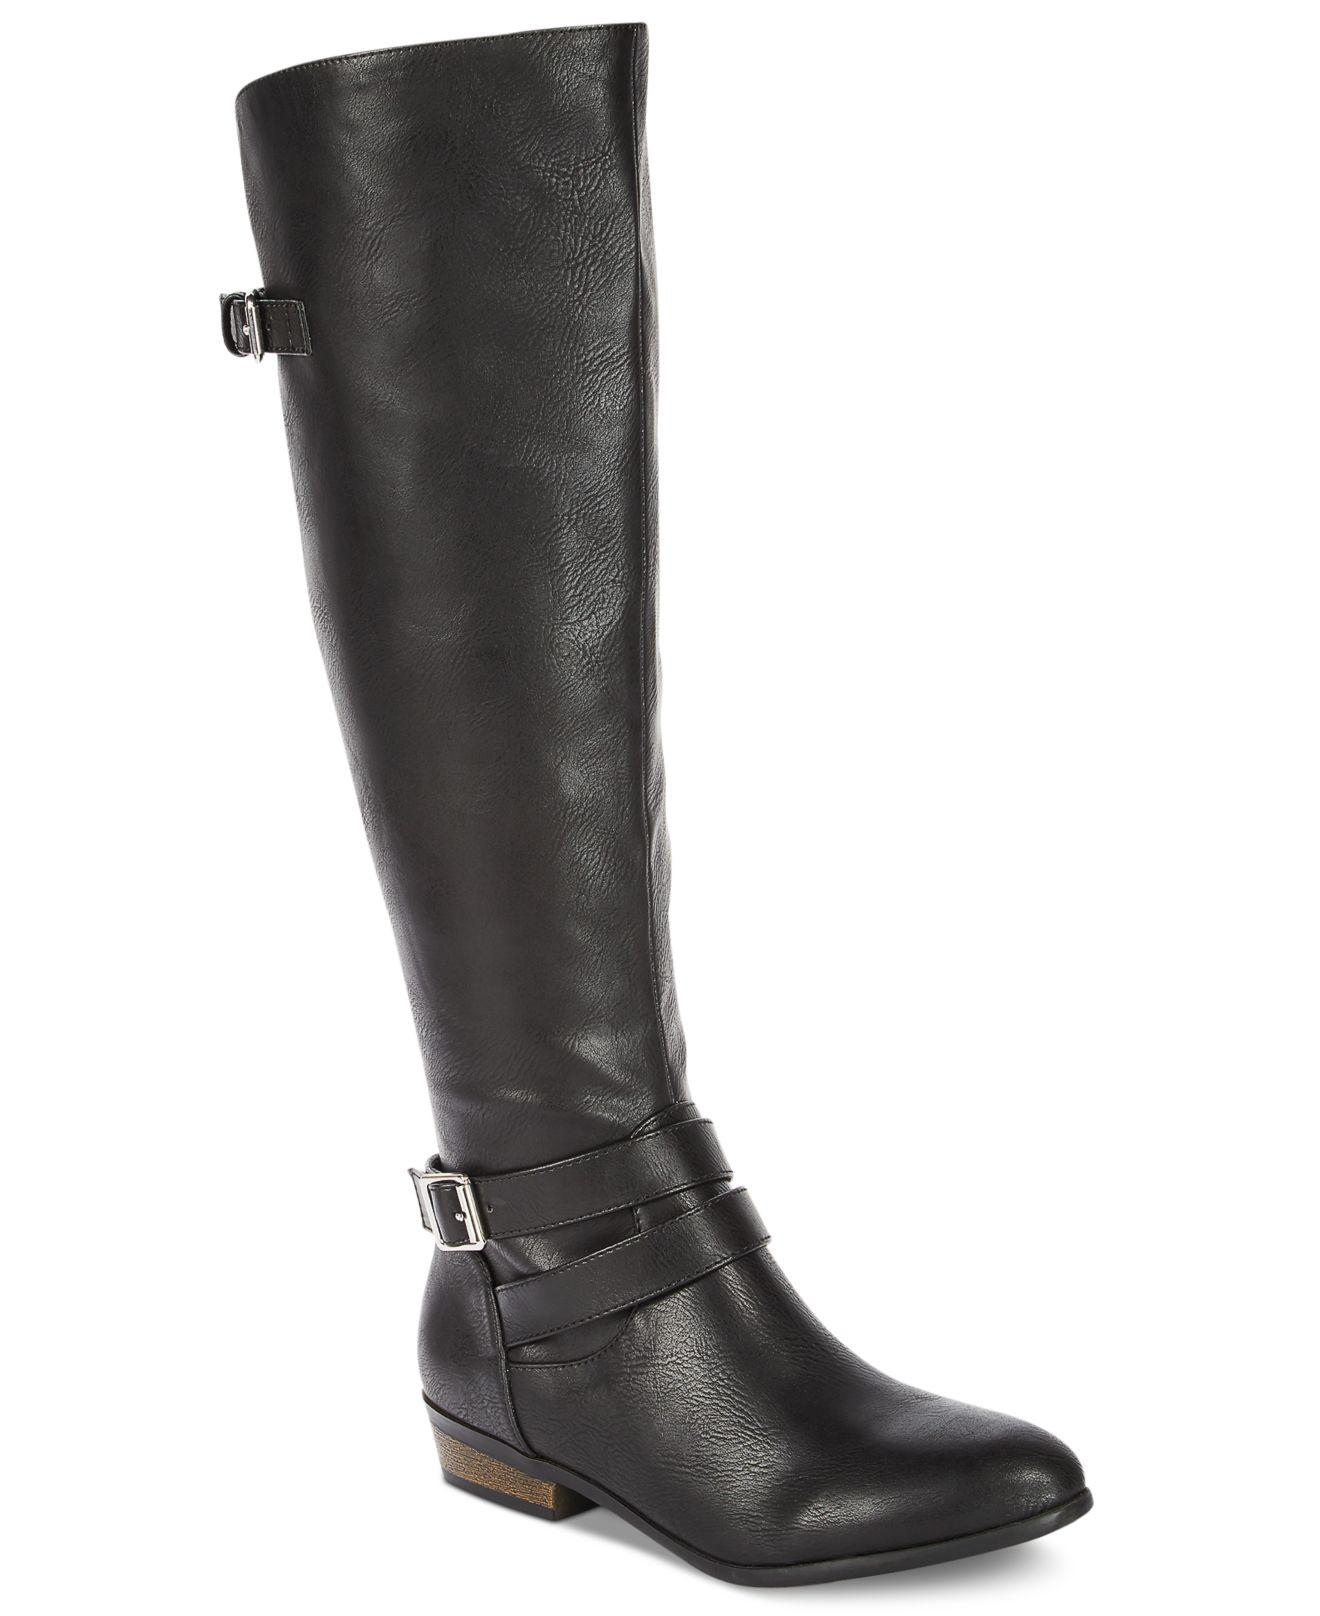 Material Girl Frauen Weite Wadenoeffnung Fashion Pumps rund Fashion Wadenoeffnung Stiefel Schwarz Groe 057cab